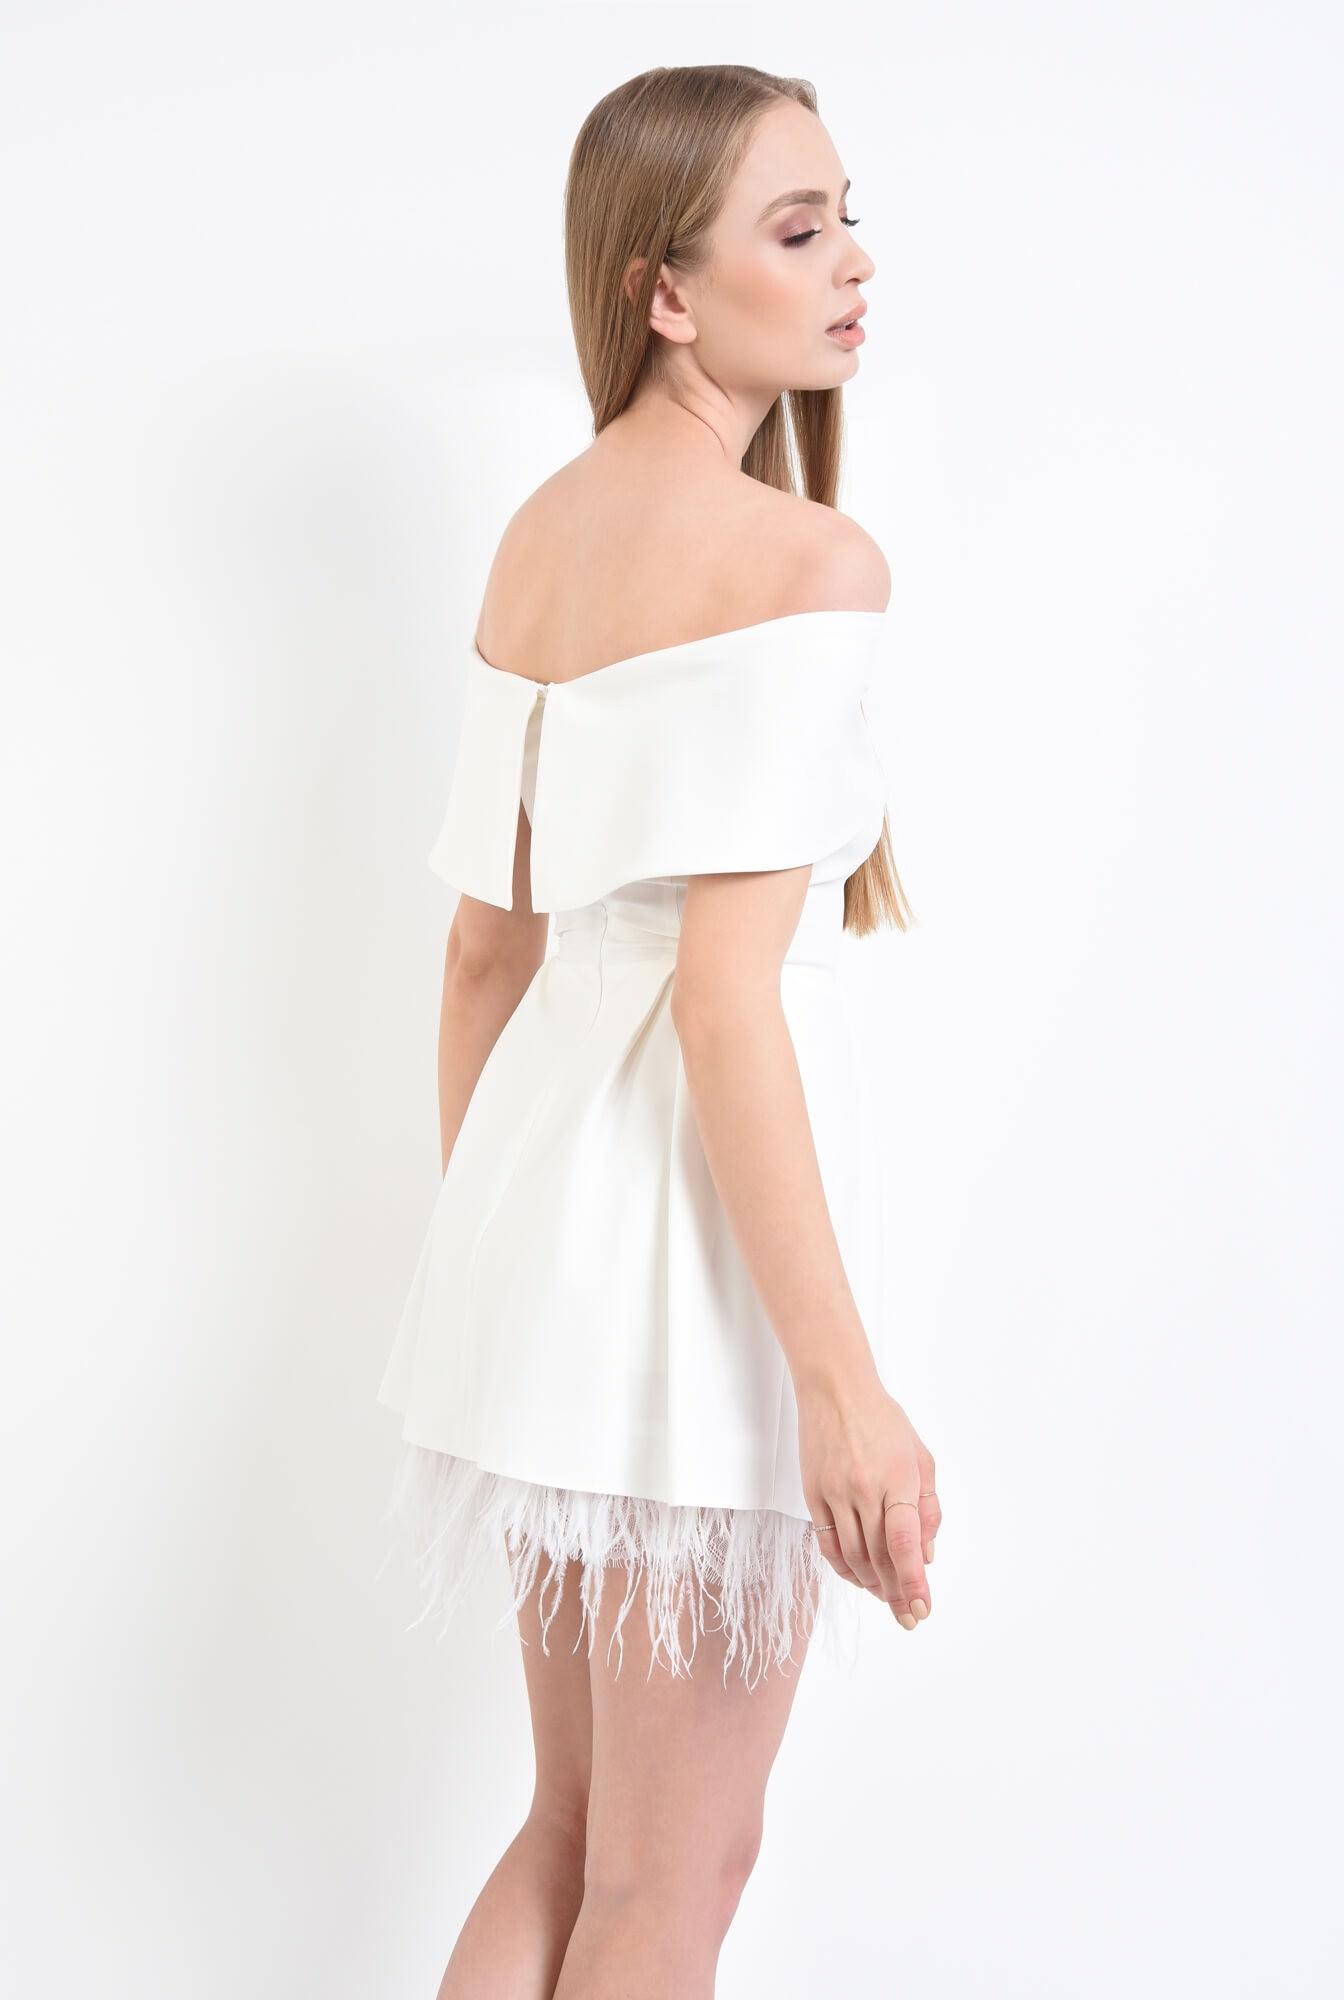 1 - Rochie eleganta cu pene de strut si pliuri